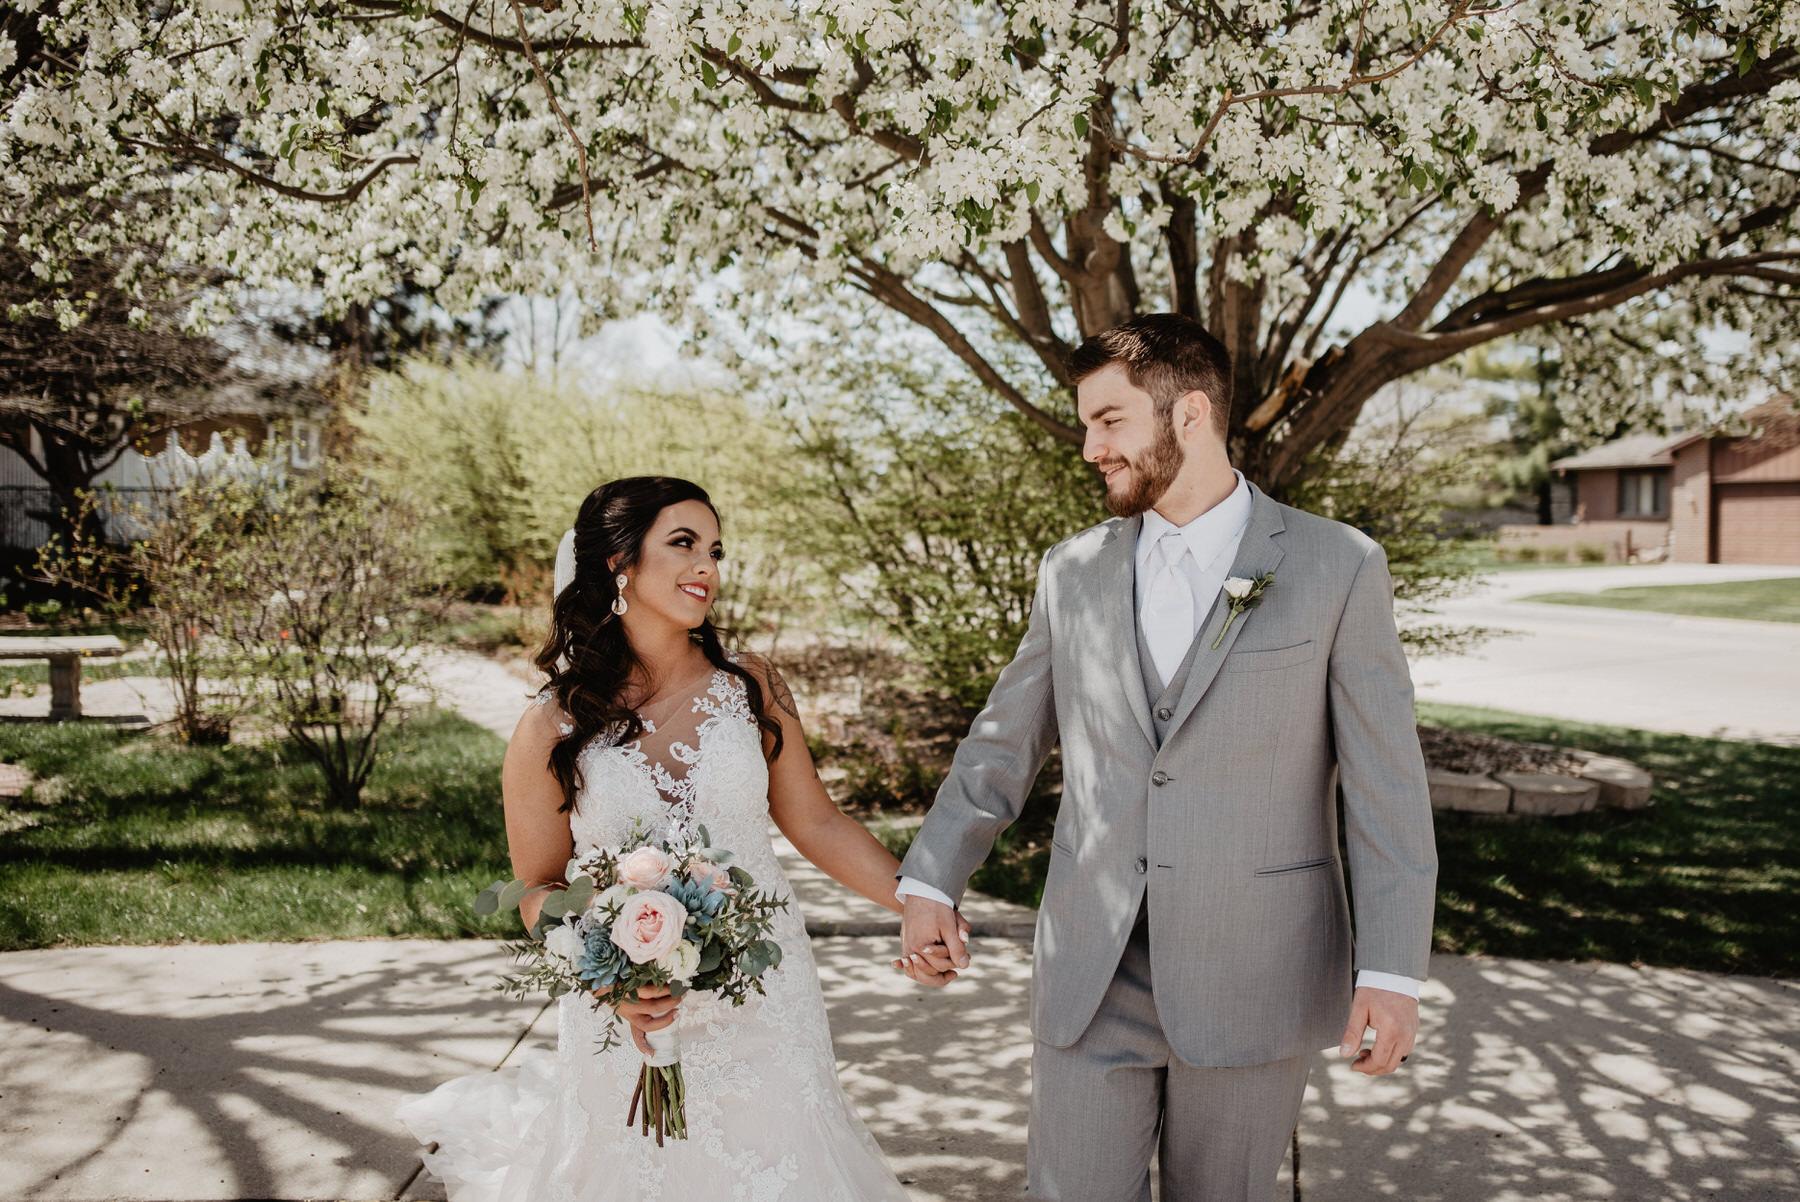 Kaylie-Sirek-Photography-Kearney-Nebraska-Wedding-045.jpg